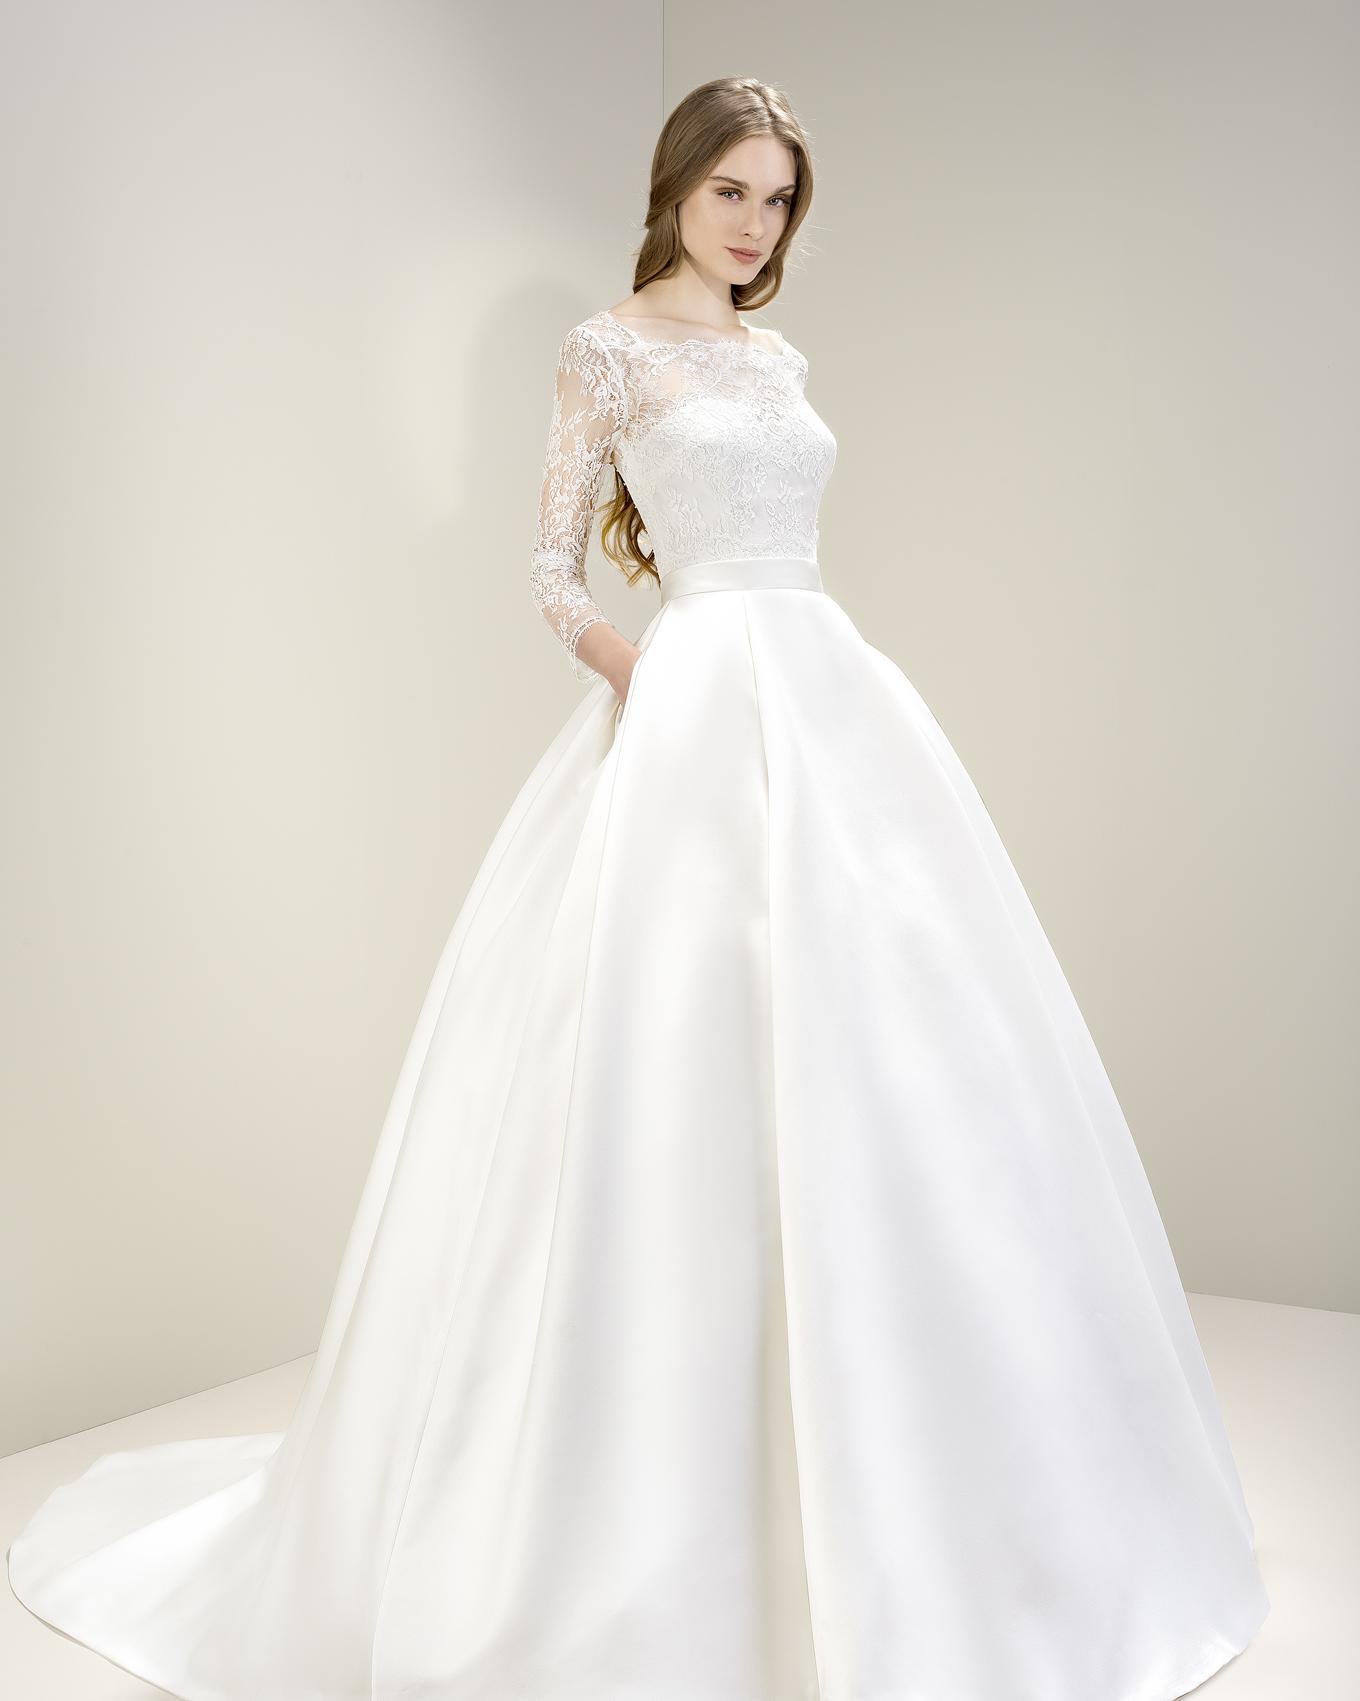 Unique Wedding Dress to Buy Online Uk   Wedding